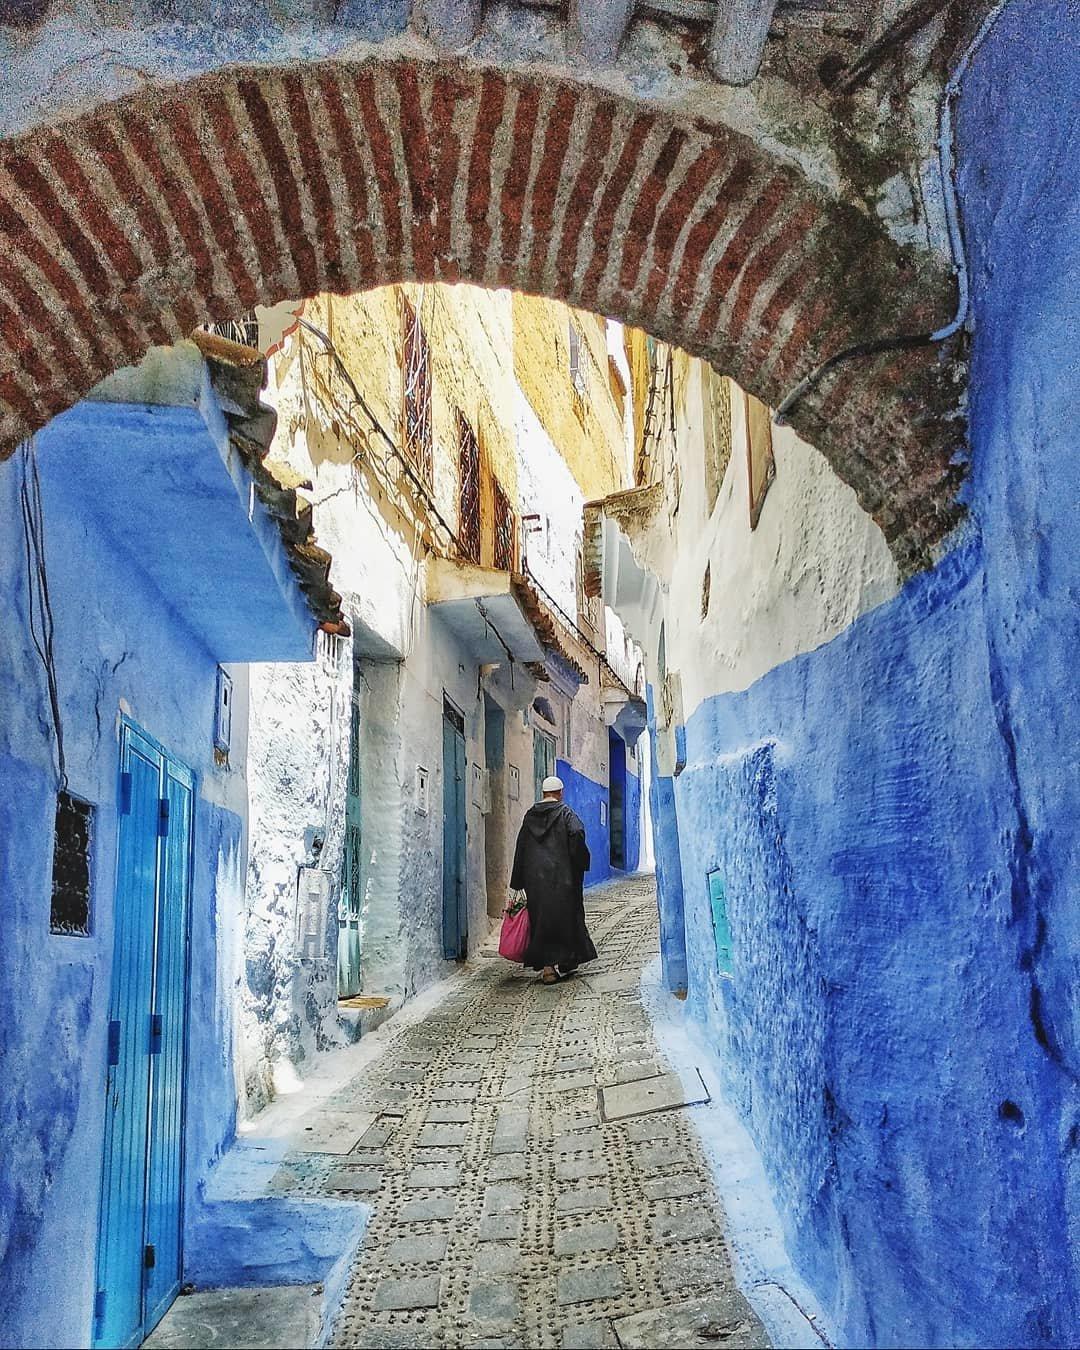 Город роз, персидские дворцы и Медина. Как харьковчанка провела две недели в Иране и Марокко, - ФОТО, фото-17